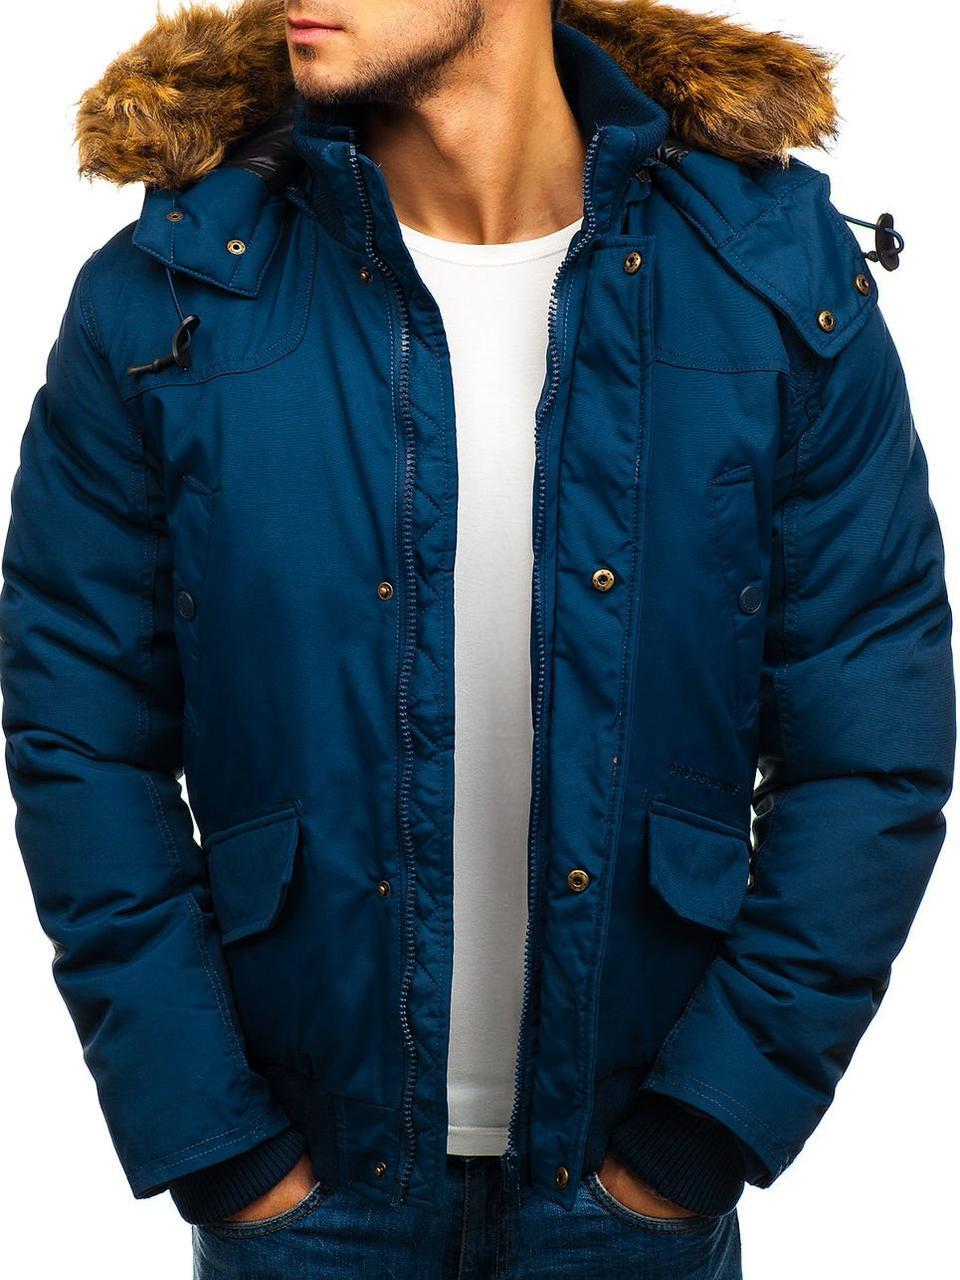 Зимняя мужская куртка с капюшоном бомбер №3 Синий